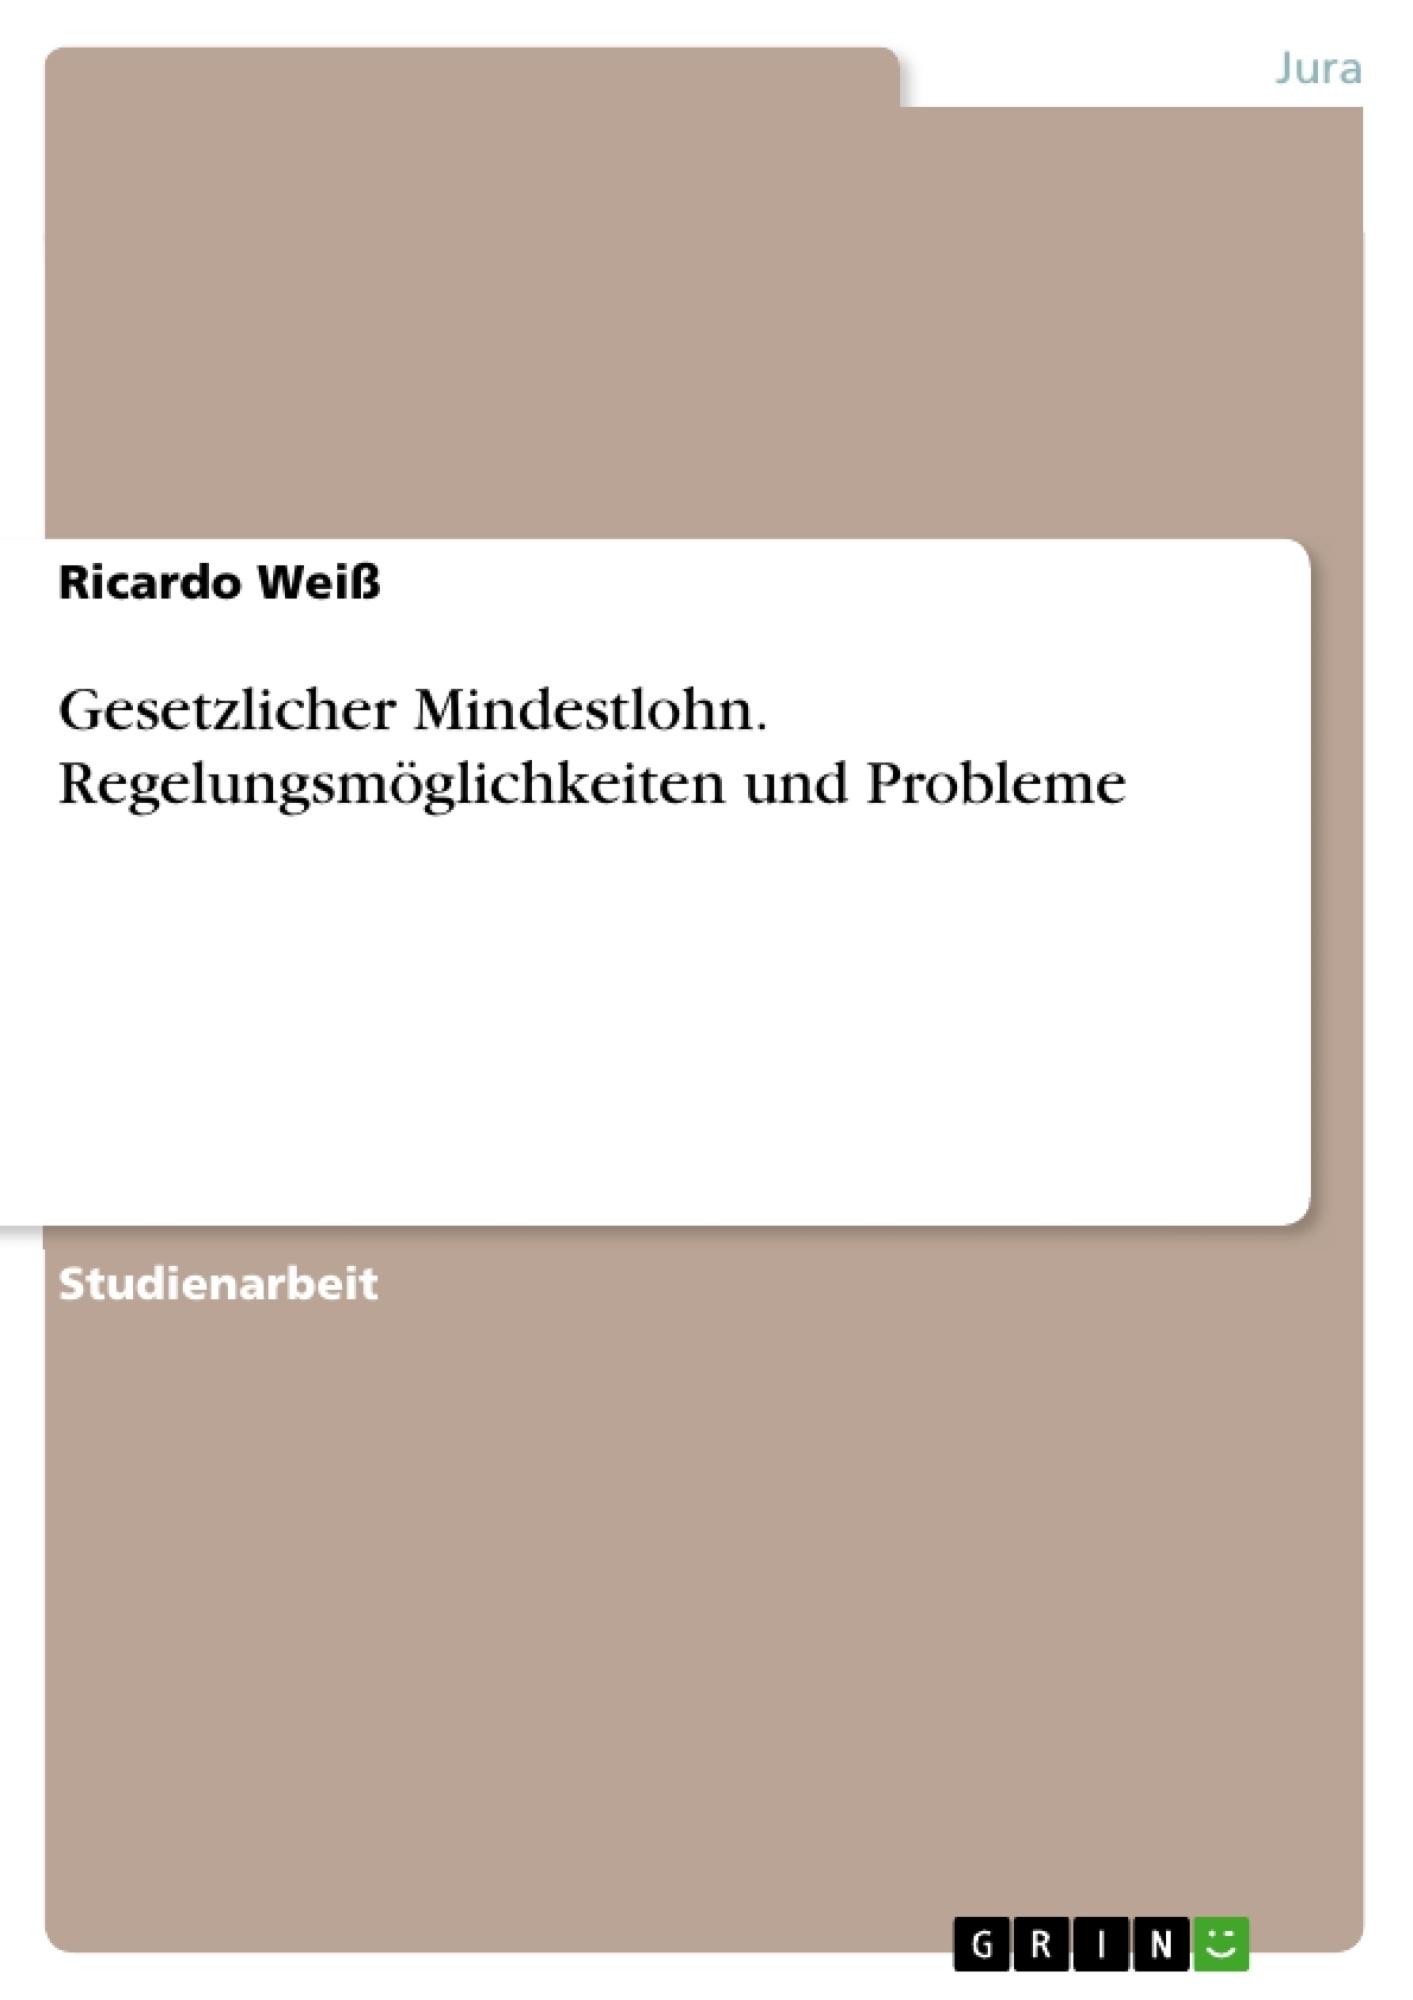 Titel: Gesetzlicher Mindestlohn. Regelungsmöglichkeiten und Probleme